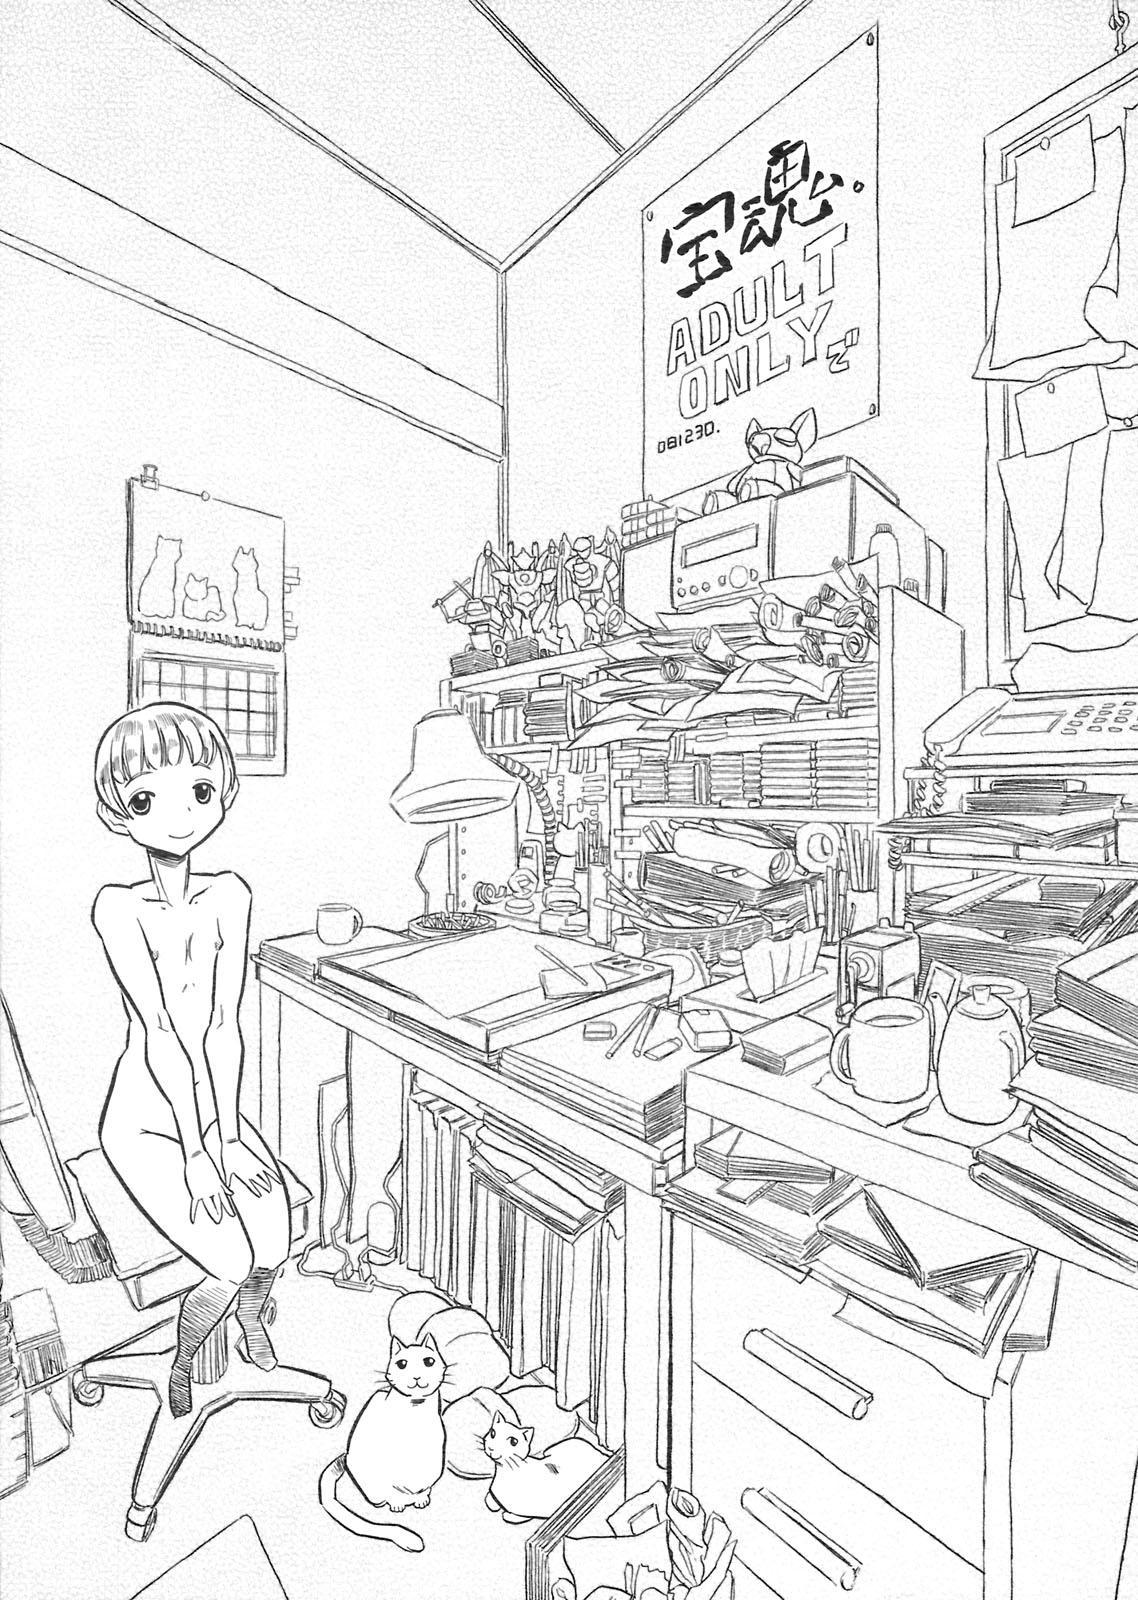 mayaonaka ni tengoku kara ero manga ke shibou no jannu-daruku ga yatteki te chiku 35 13